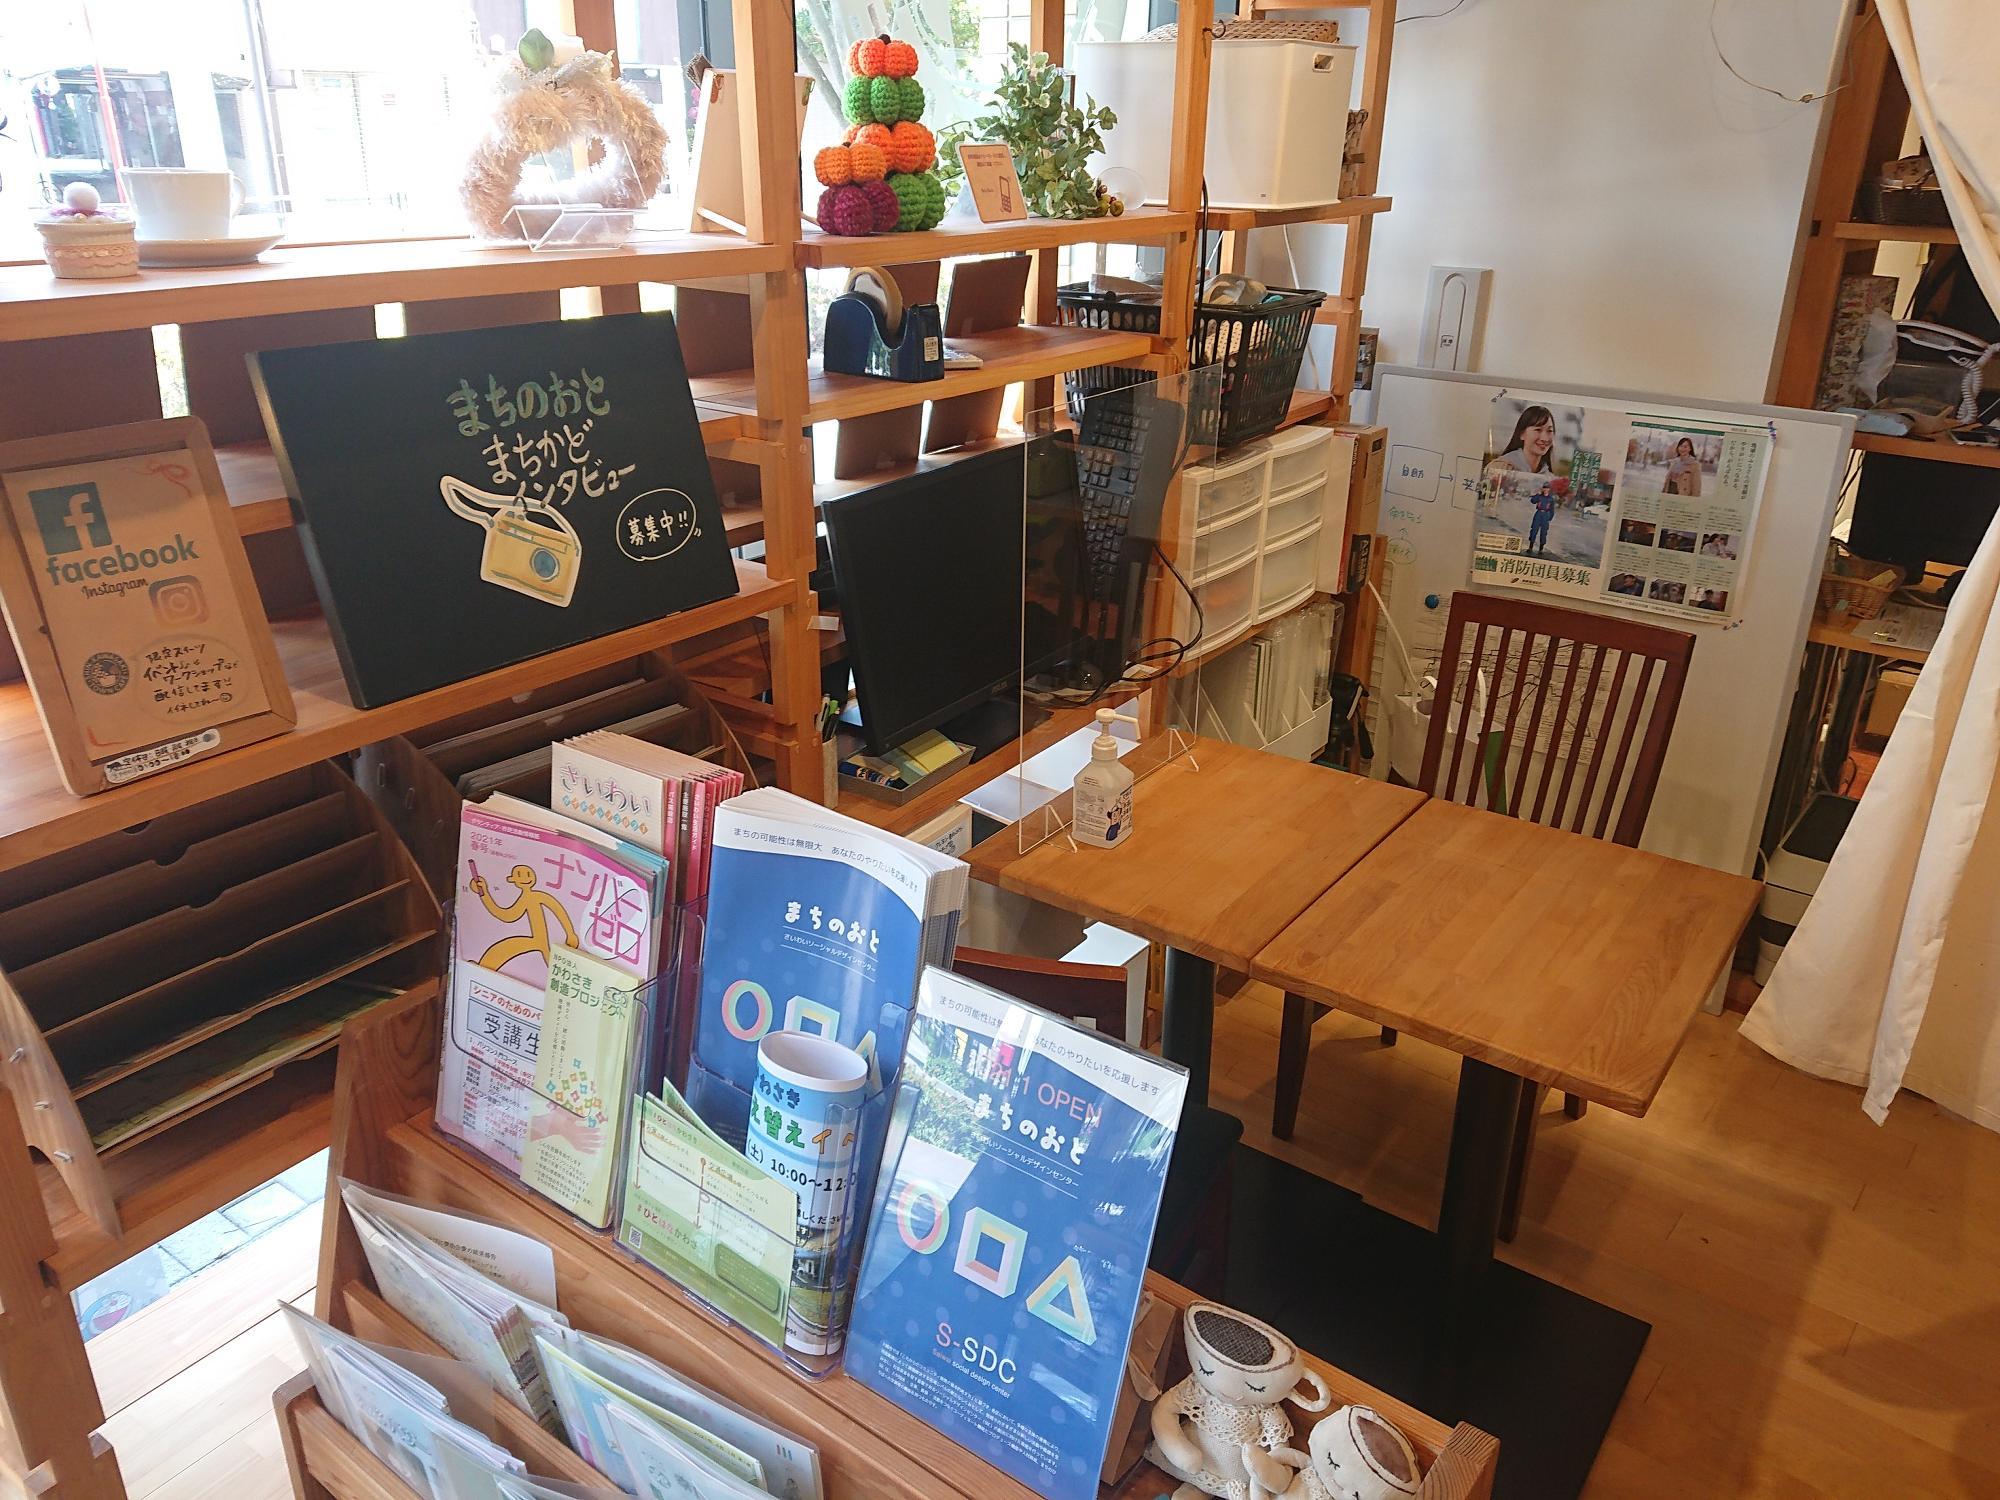 新川崎タウンカフェの一部の場所がさいわいソーシャルデザインセンター